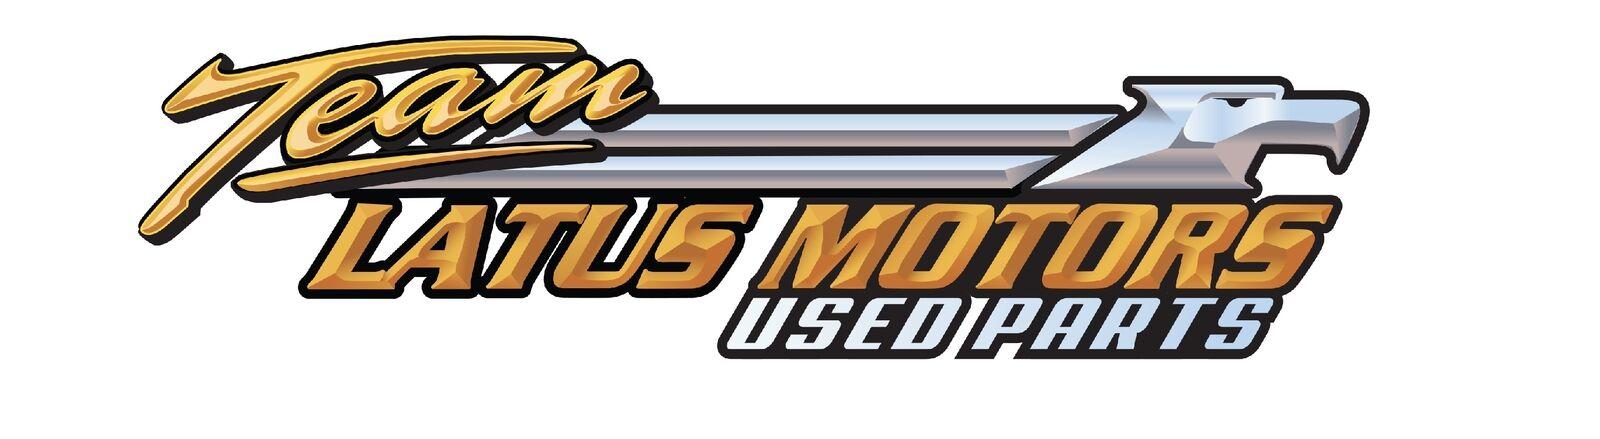 Latus Motors Cycle Salvage